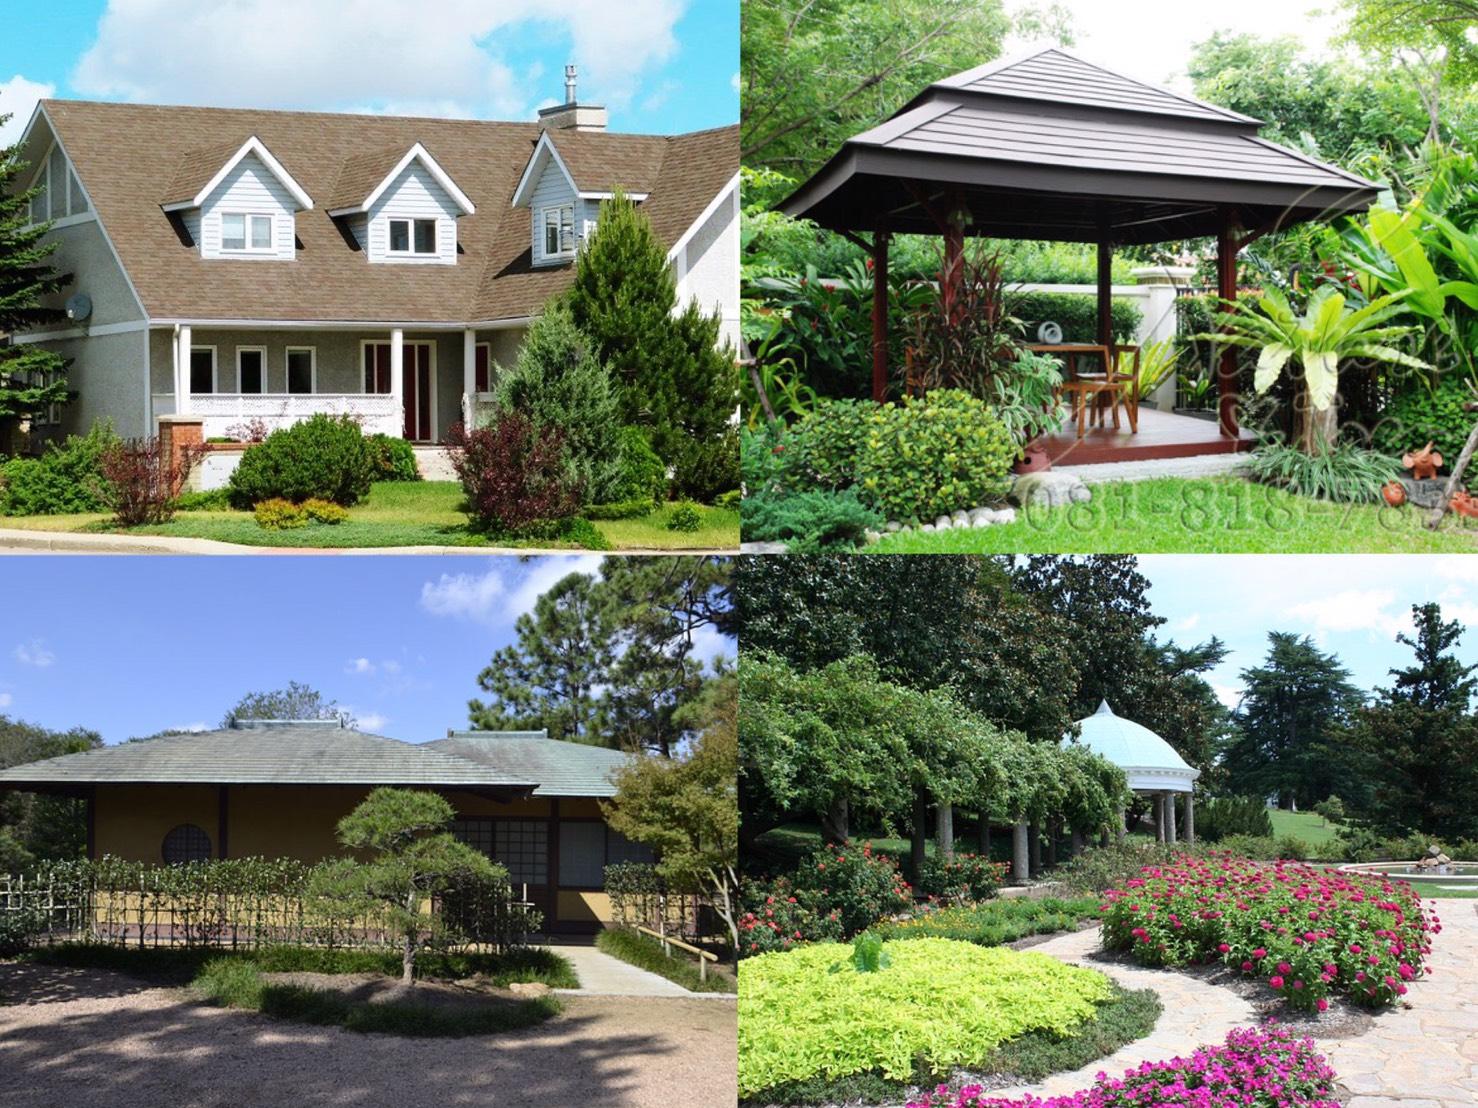 การจัดสวนสวย สไตล์แบบไหน ที่เหมาะกับบริเวณบ้าน ของคุณ